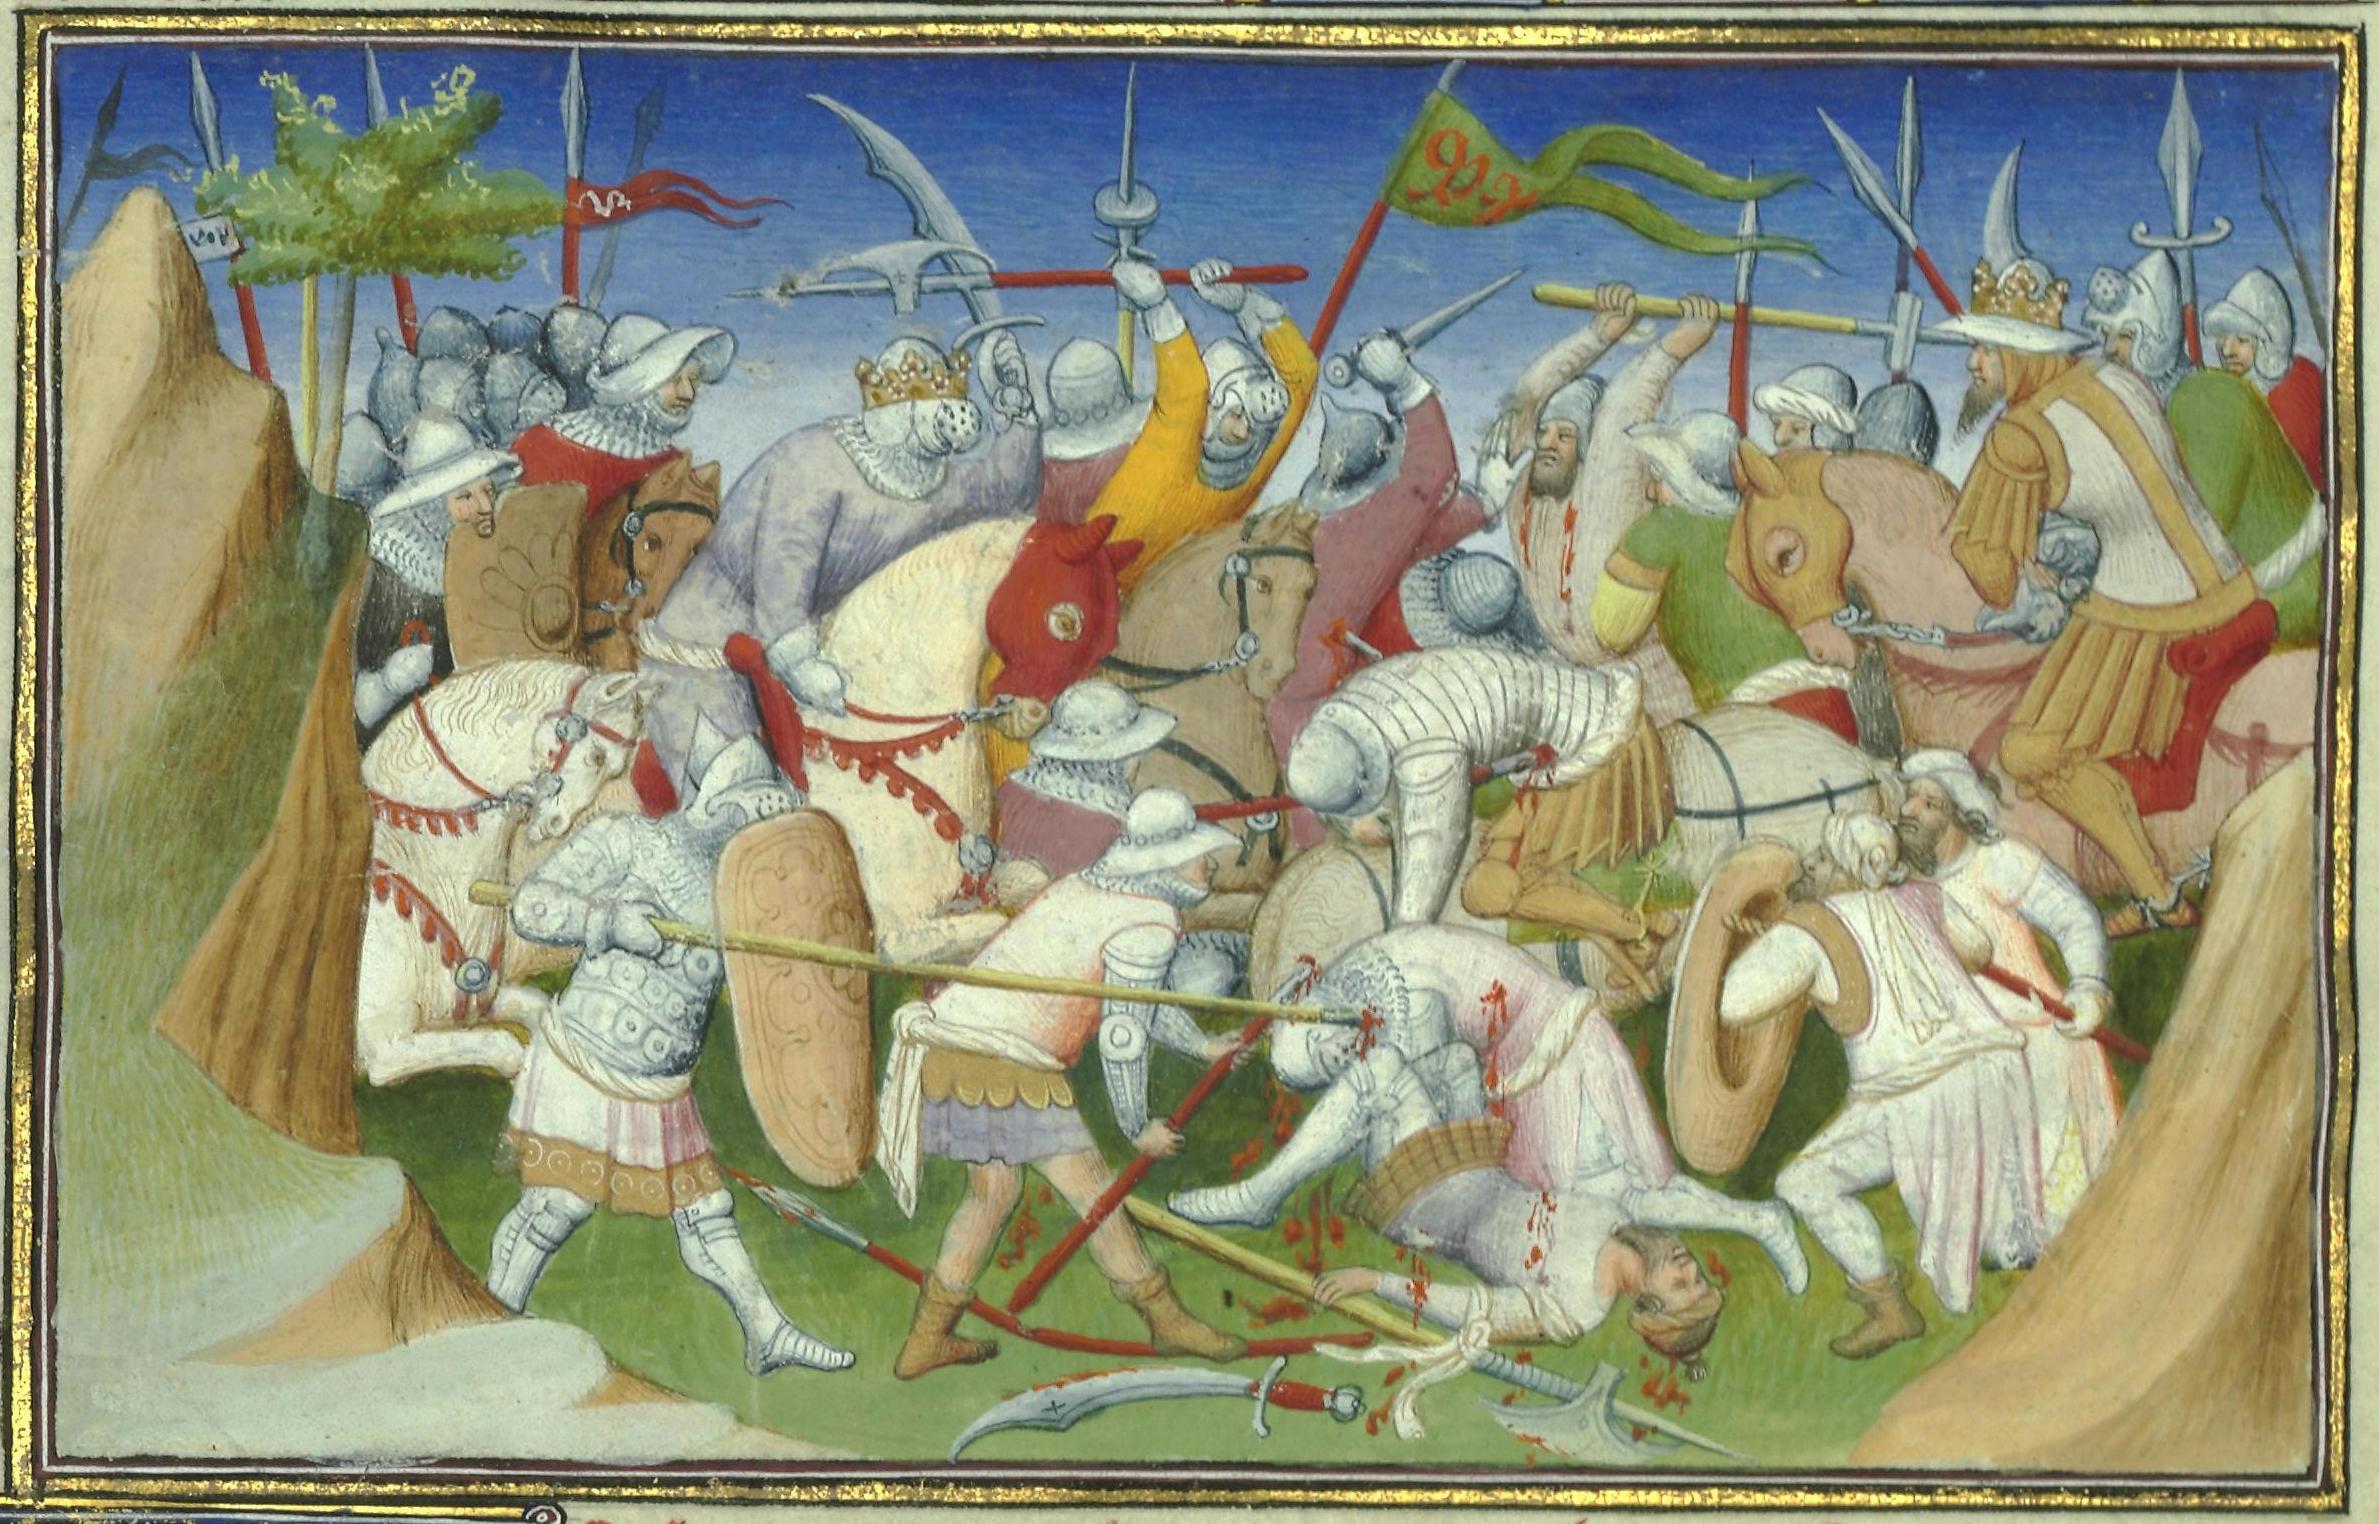 Rappresentazione francese dello scontro tra le forze del Ghazi (a destra) e del Negus (a sinistra), dal Libro delle Meraviglie, XV secolo